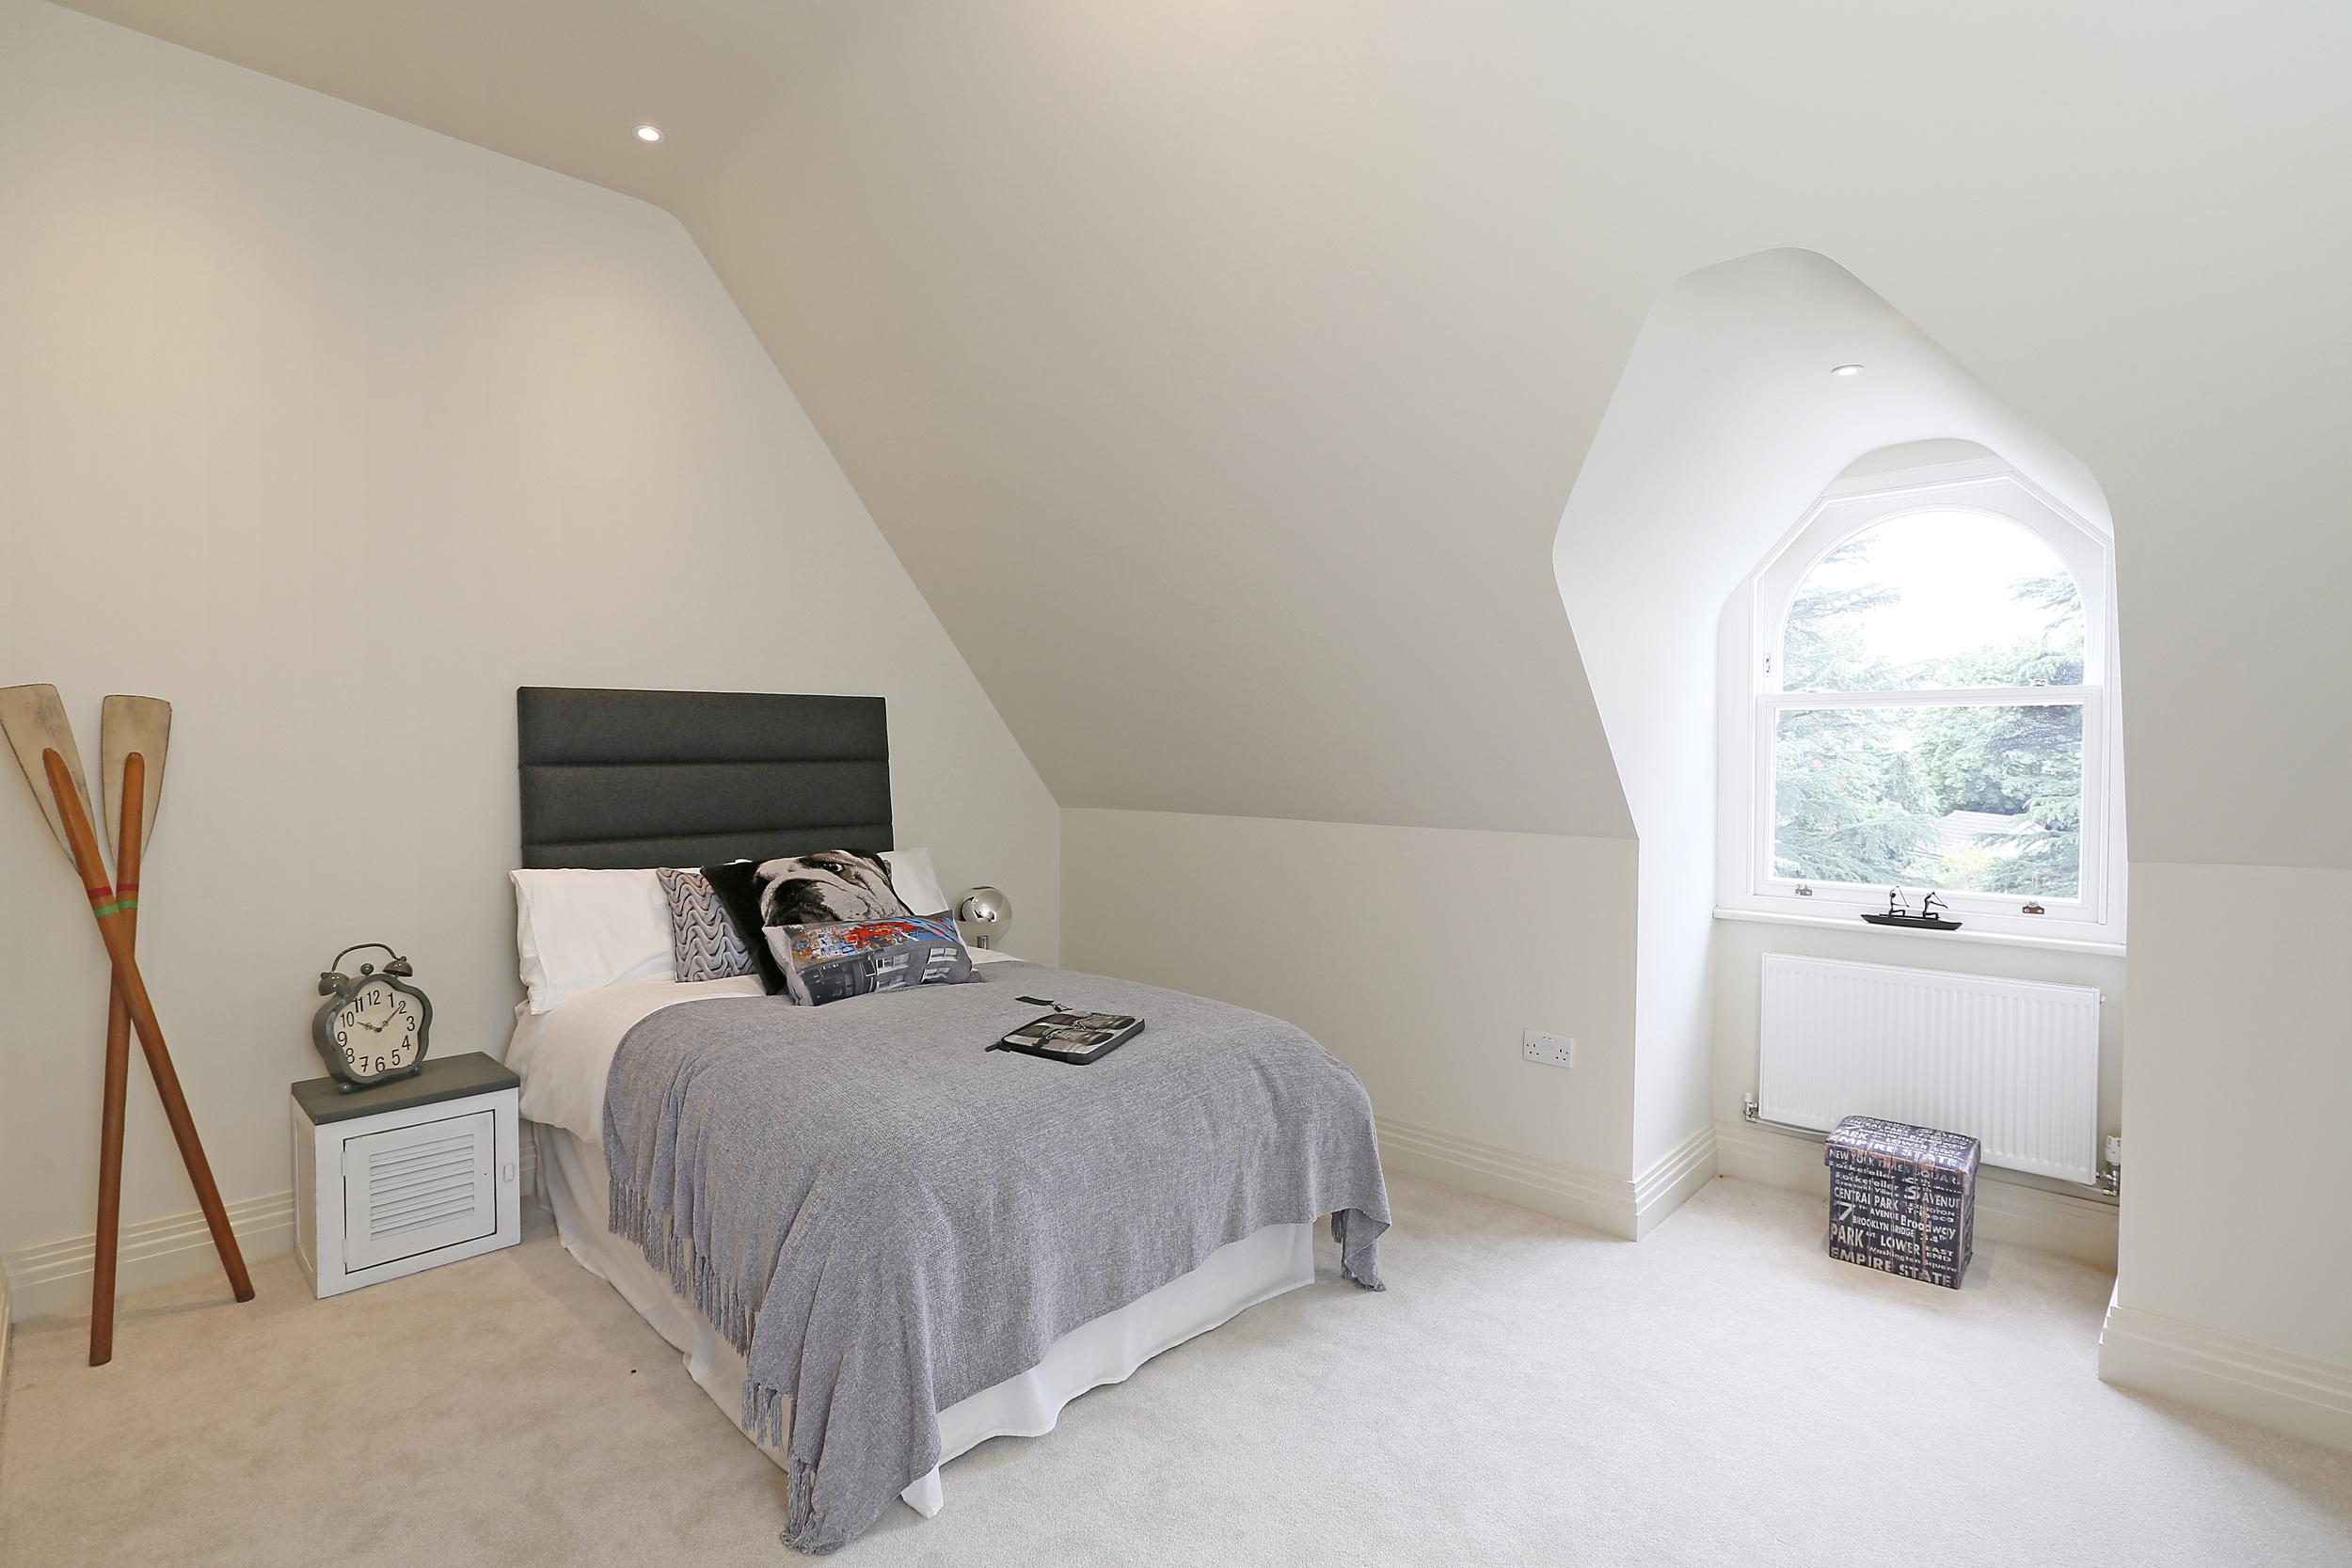 Fairlawn 3 - Top Bed.jpg